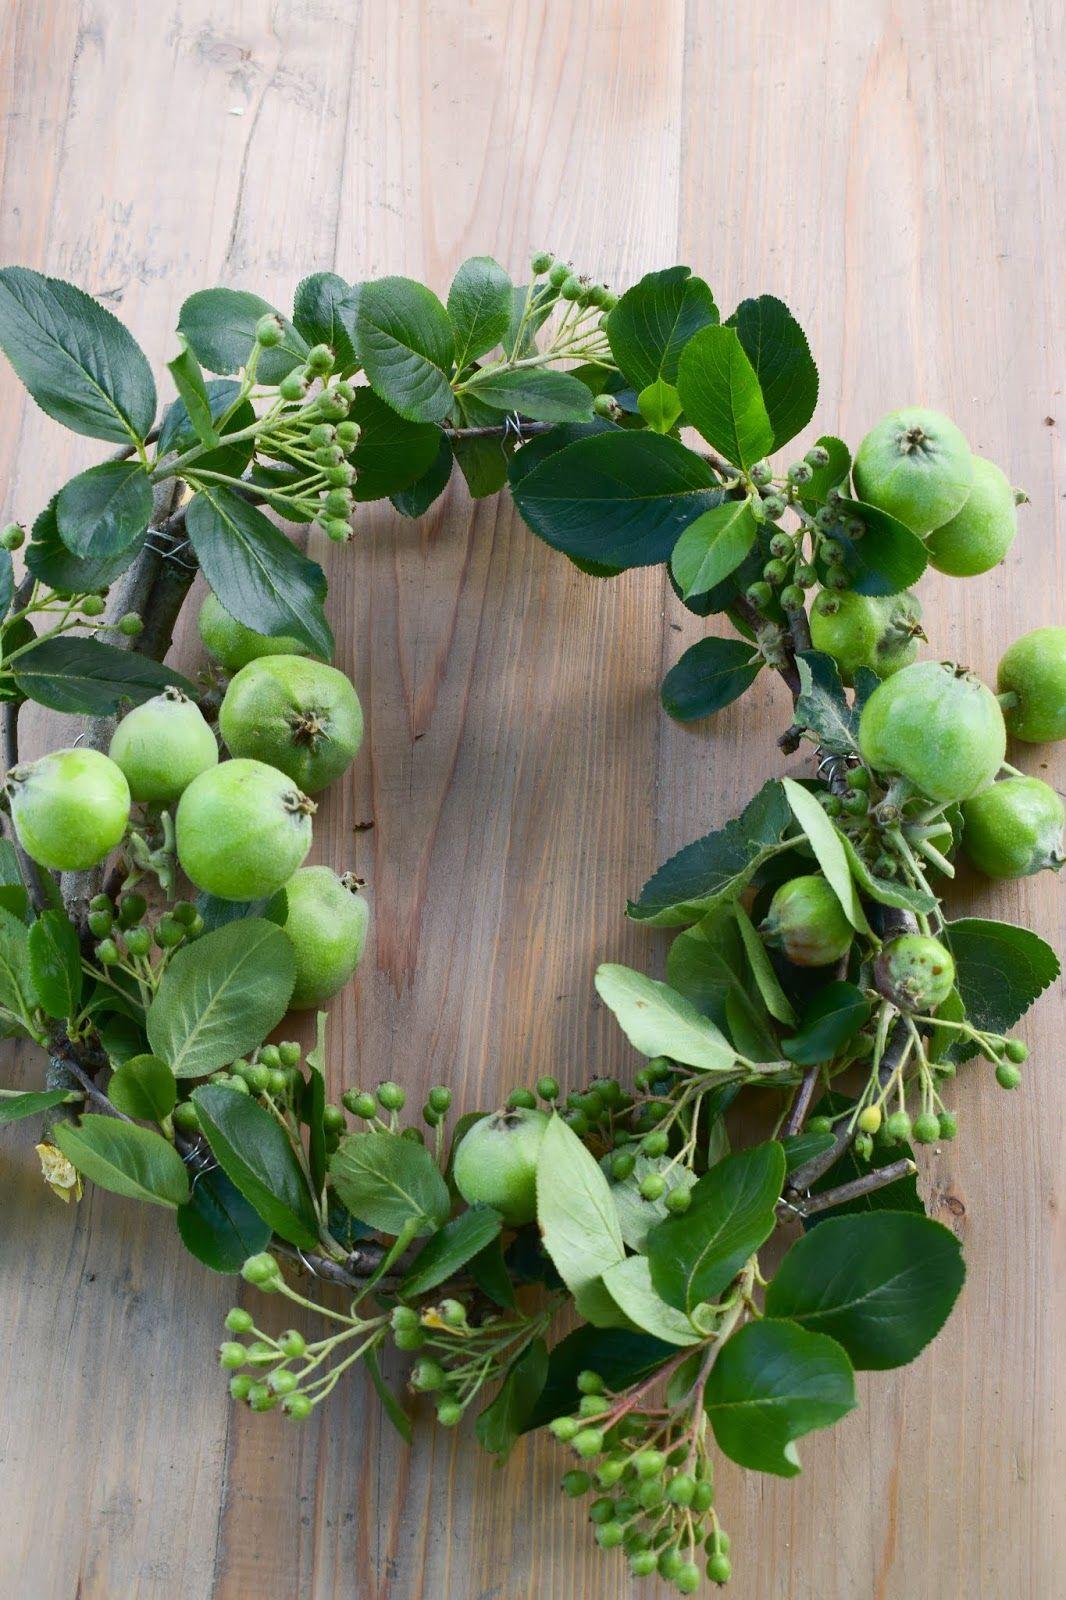 kranz aus pfeln diy fruechte selbermachen und binden schneeball wreath apple sommerkranz. Black Bedroom Furniture Sets. Home Design Ideas